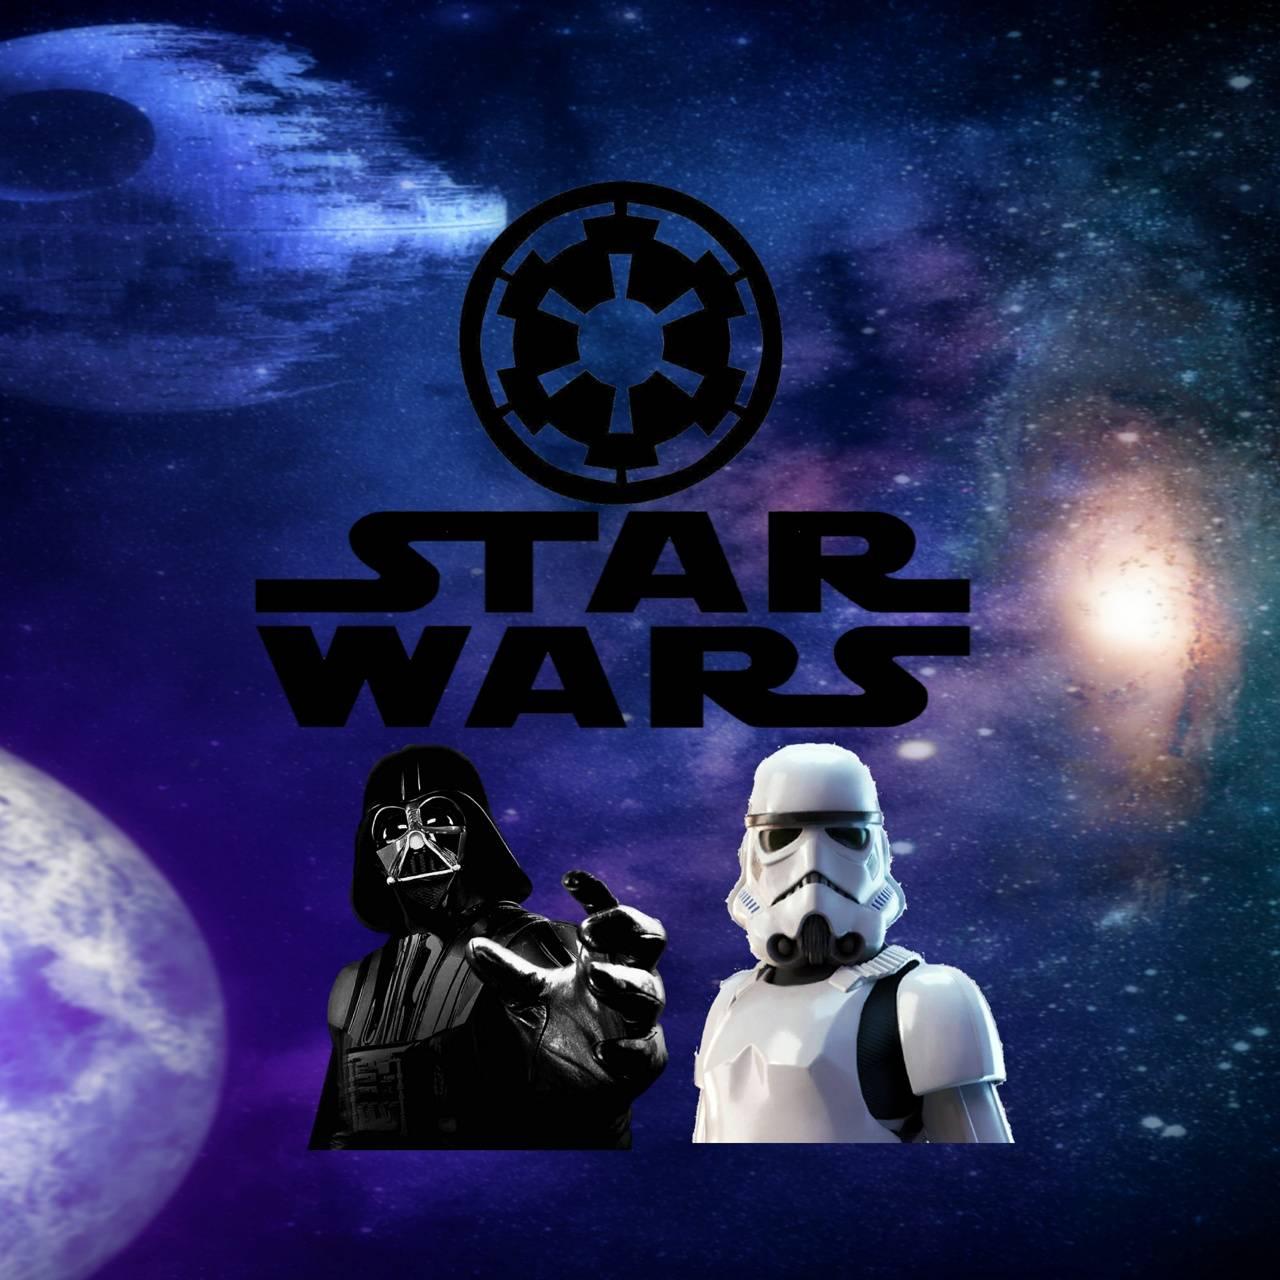 Star wars wallaper